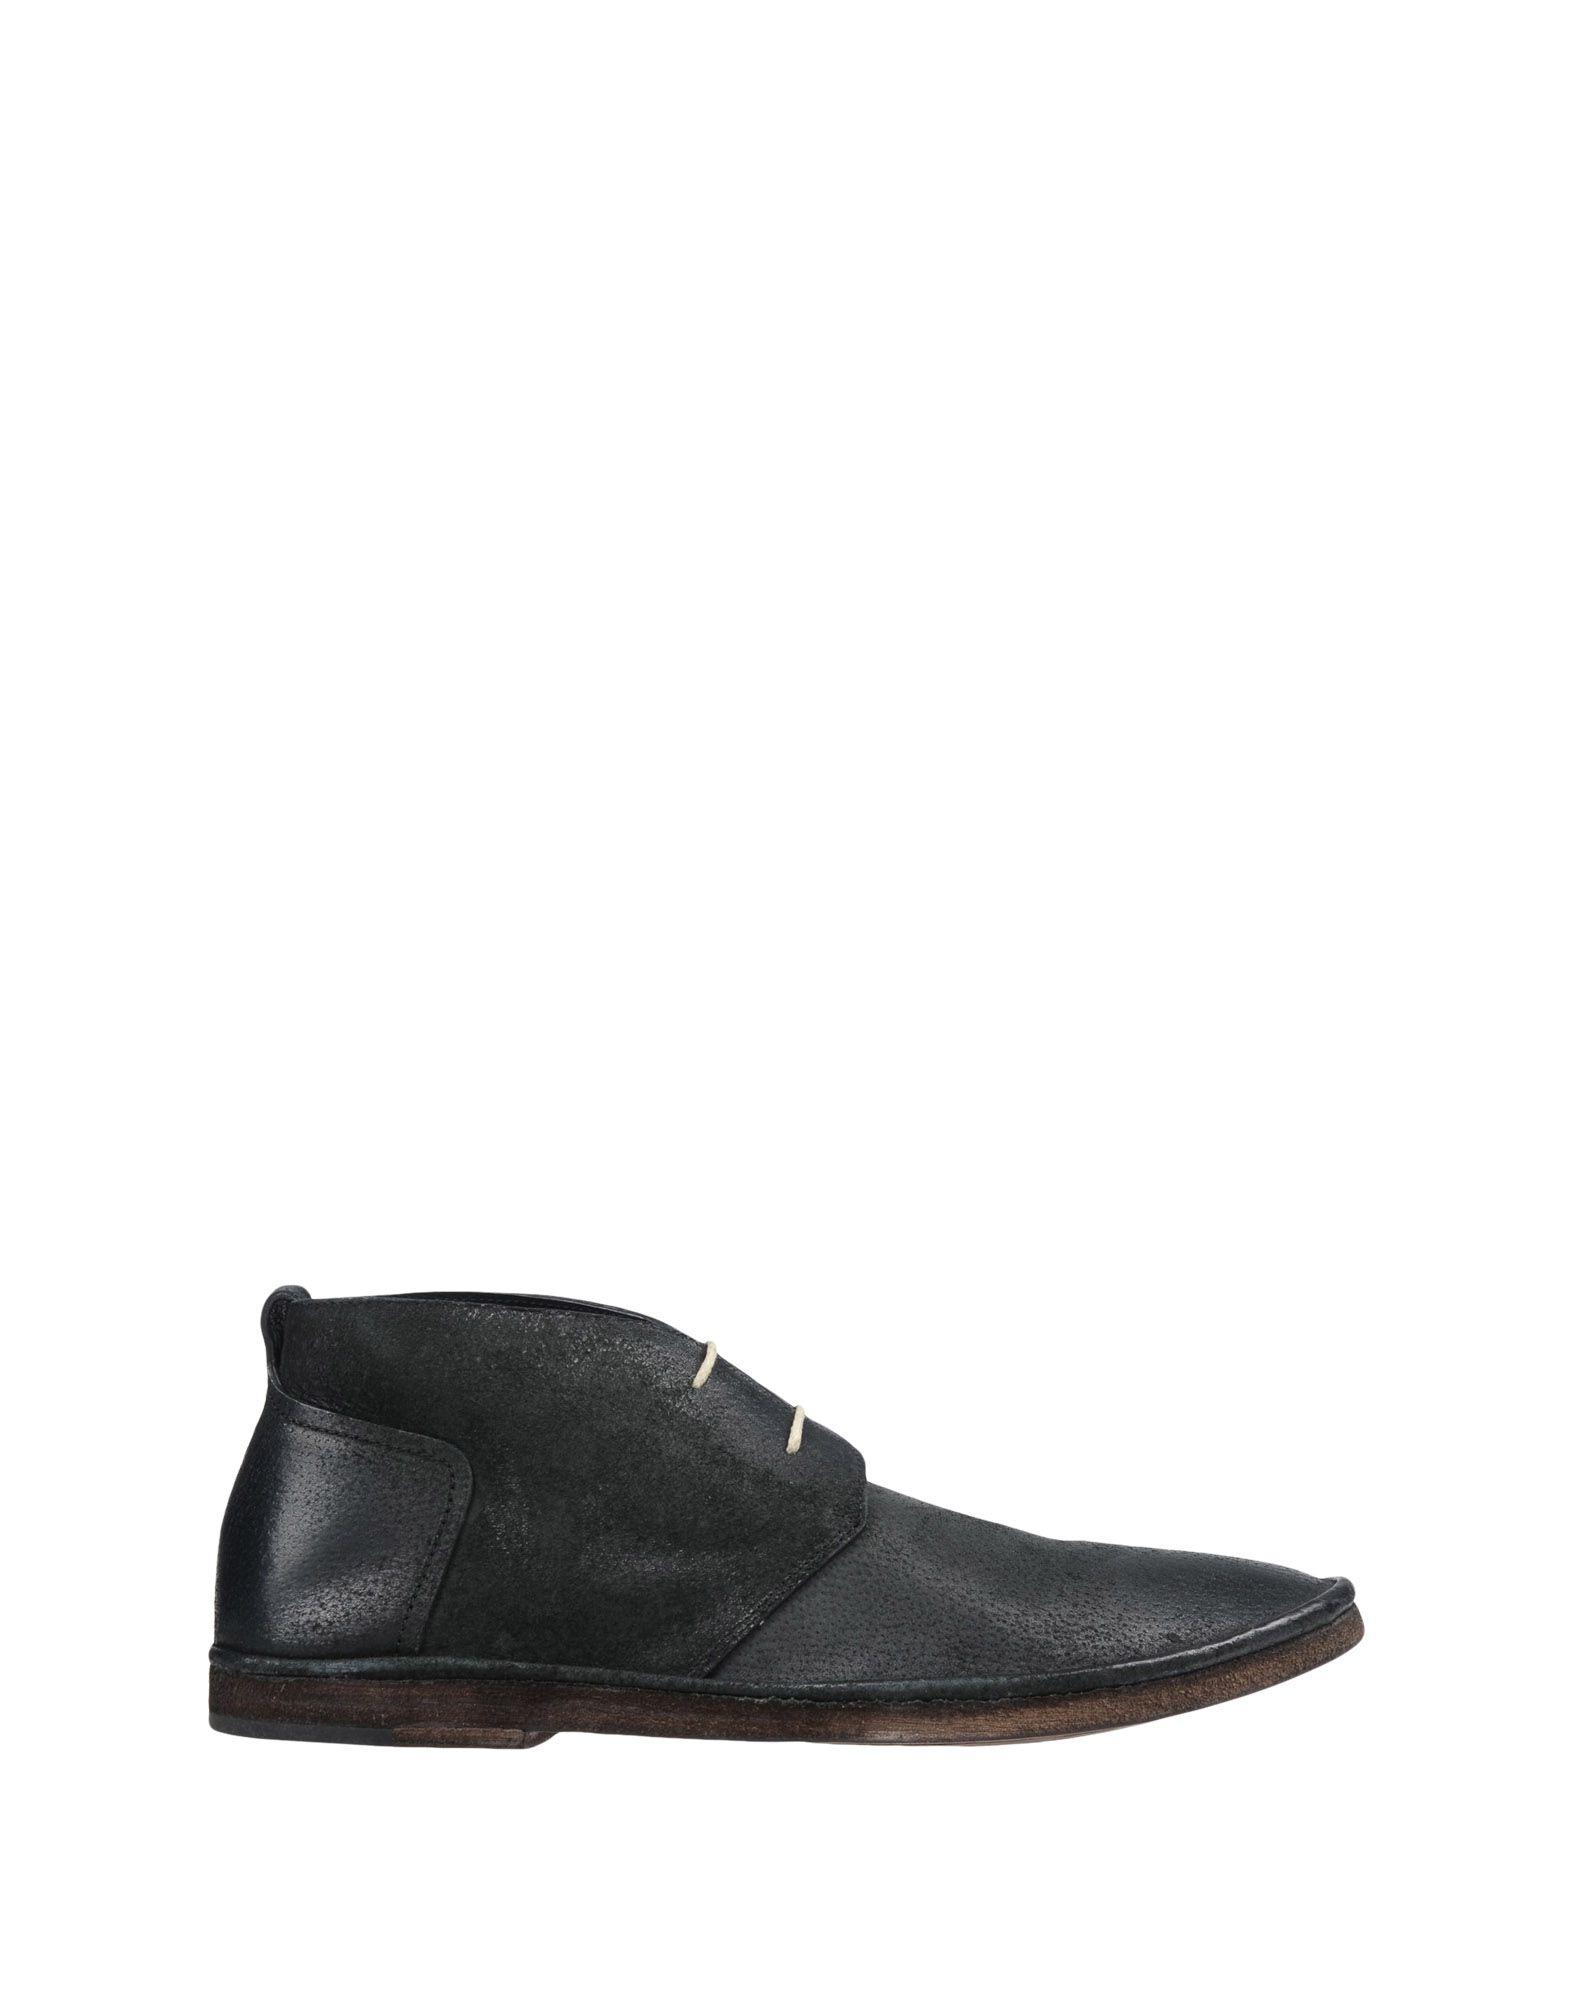 Del Carlo Stiefelette Herren  11426022CC Gute Qualität beliebte Schuhe